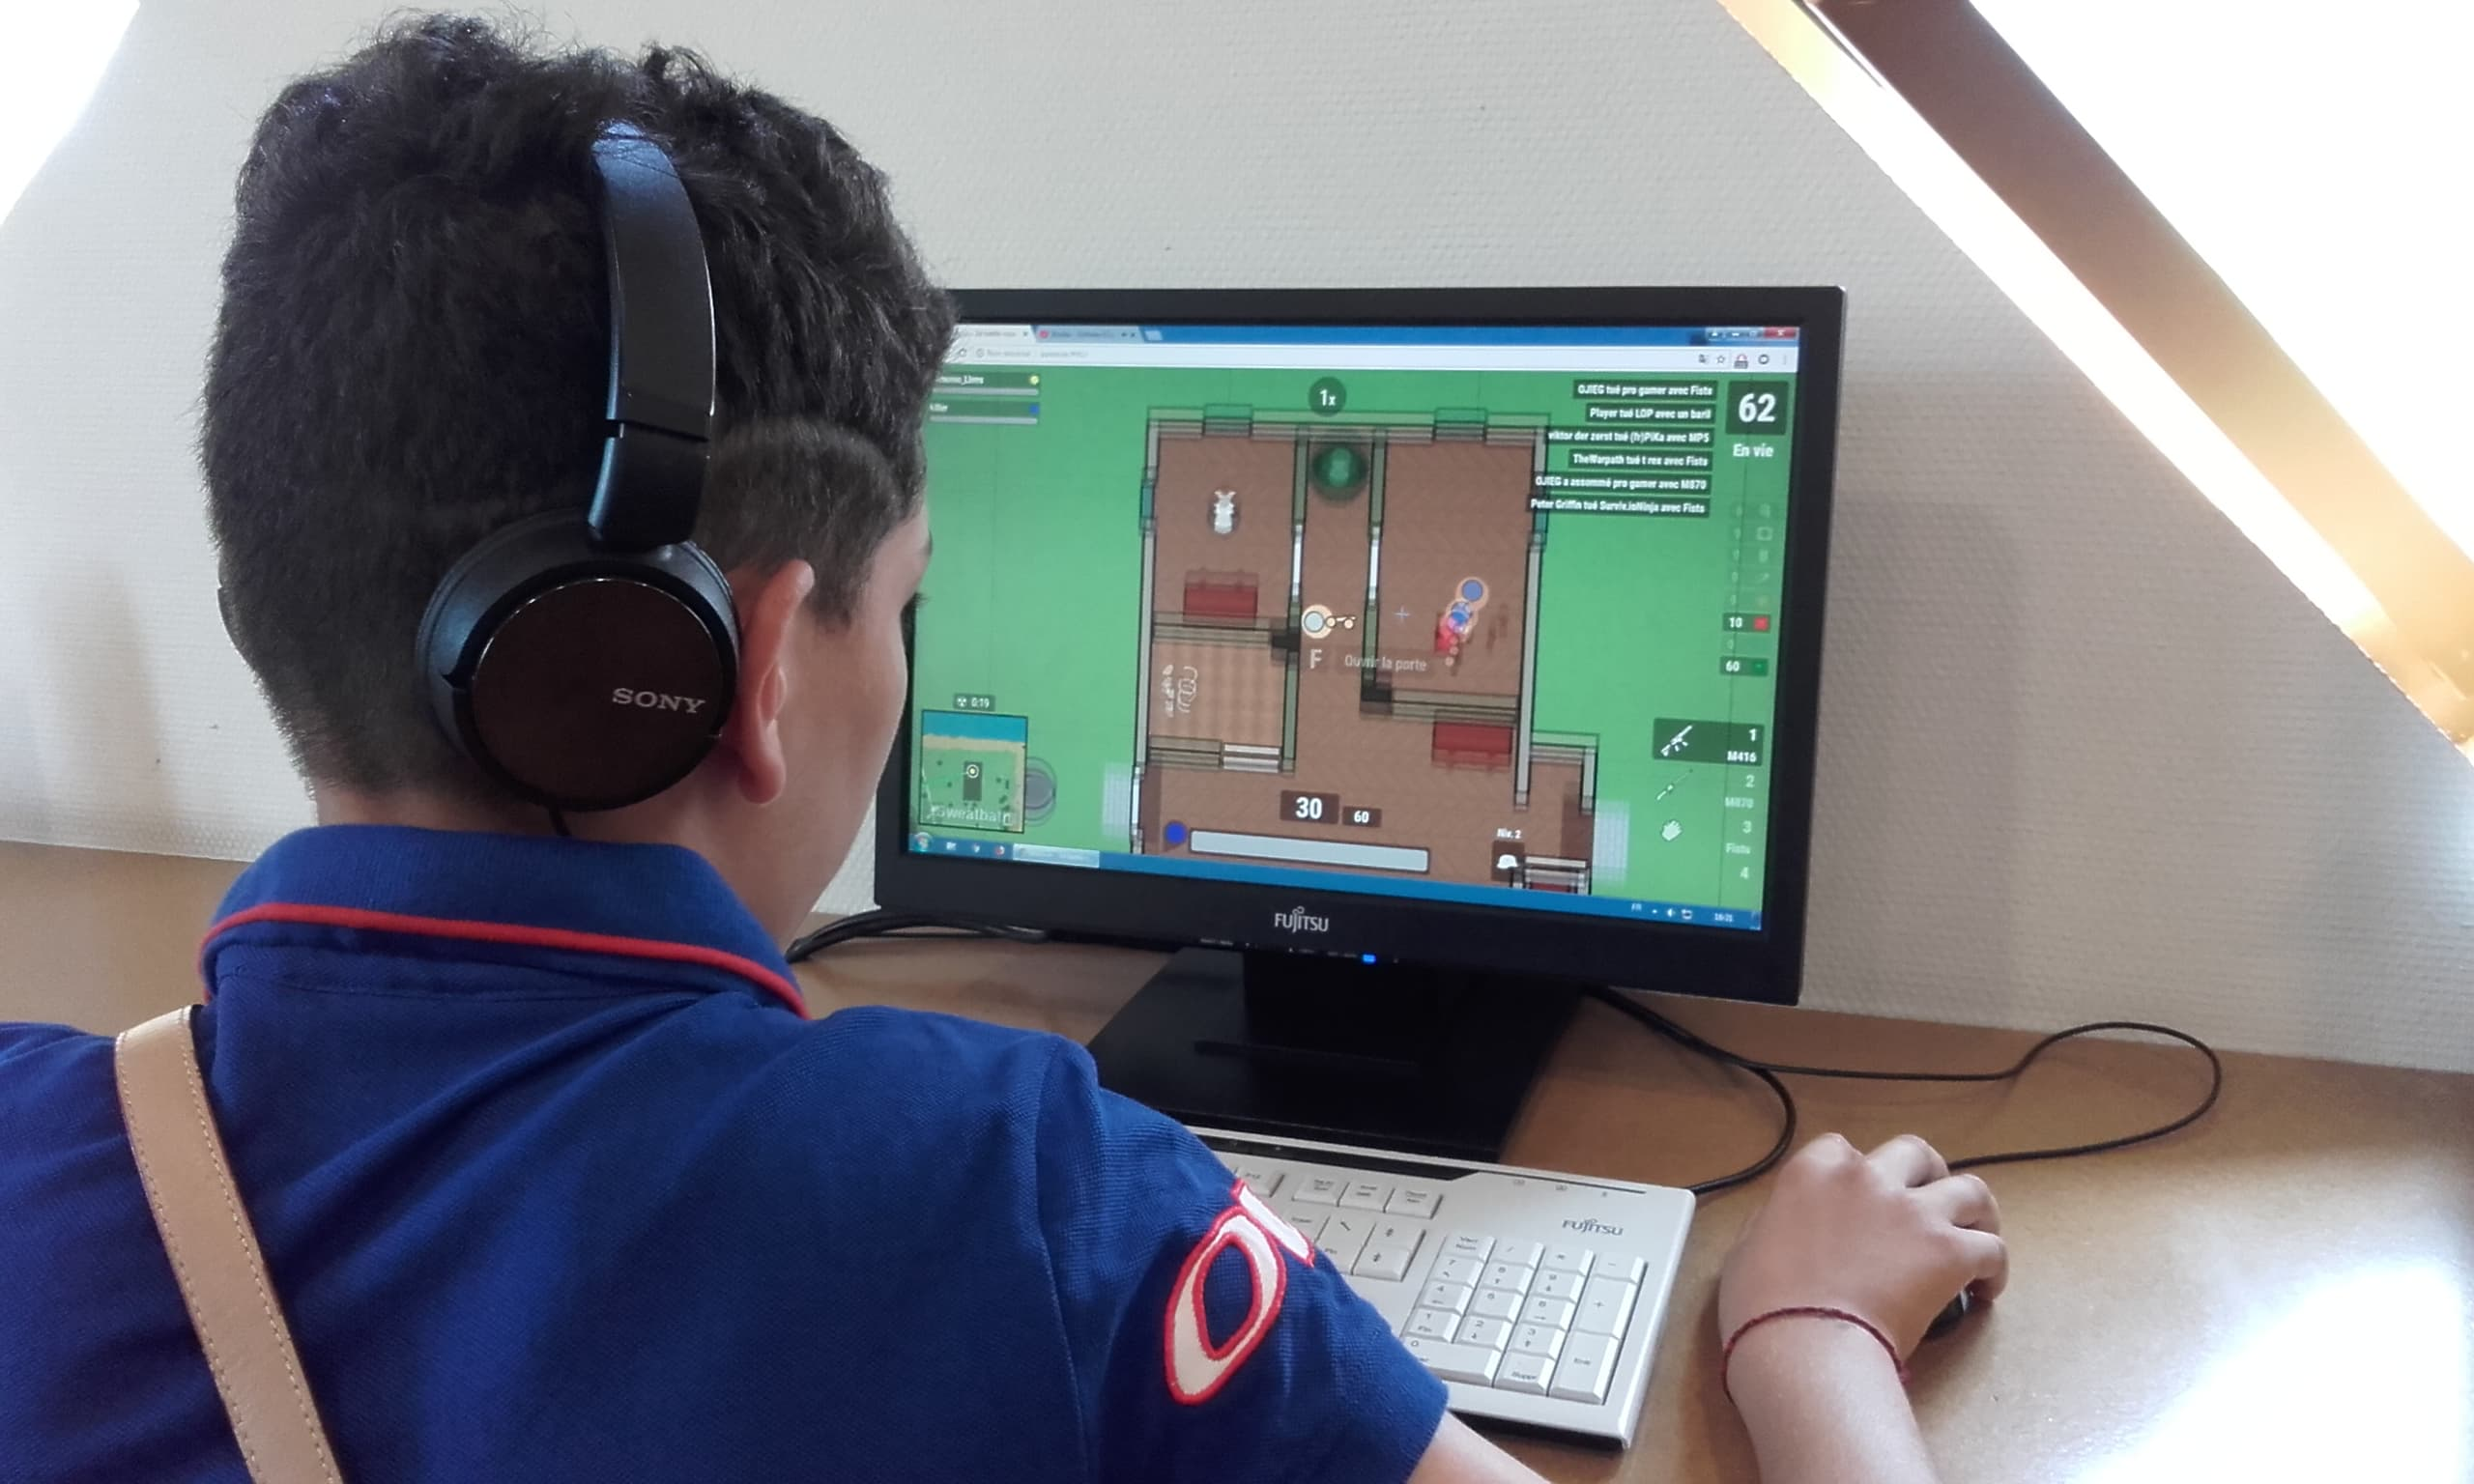 Le coin des gameurs sur PC - à partir de 12 ans |